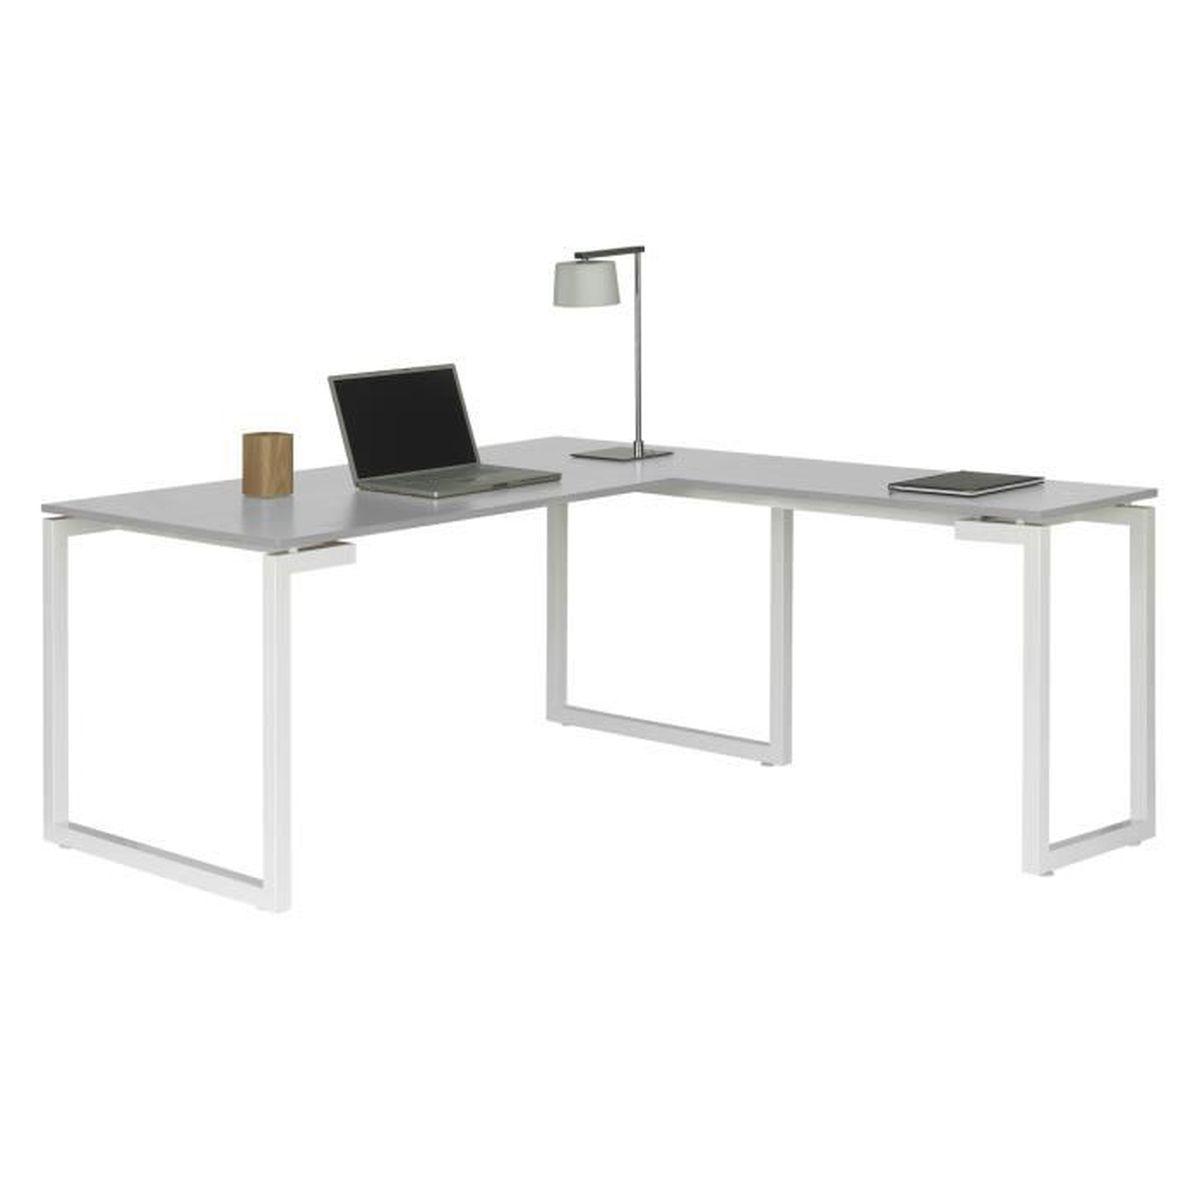 bureau d'angle en métal laqué époxy blanc avec plateau bois sunday